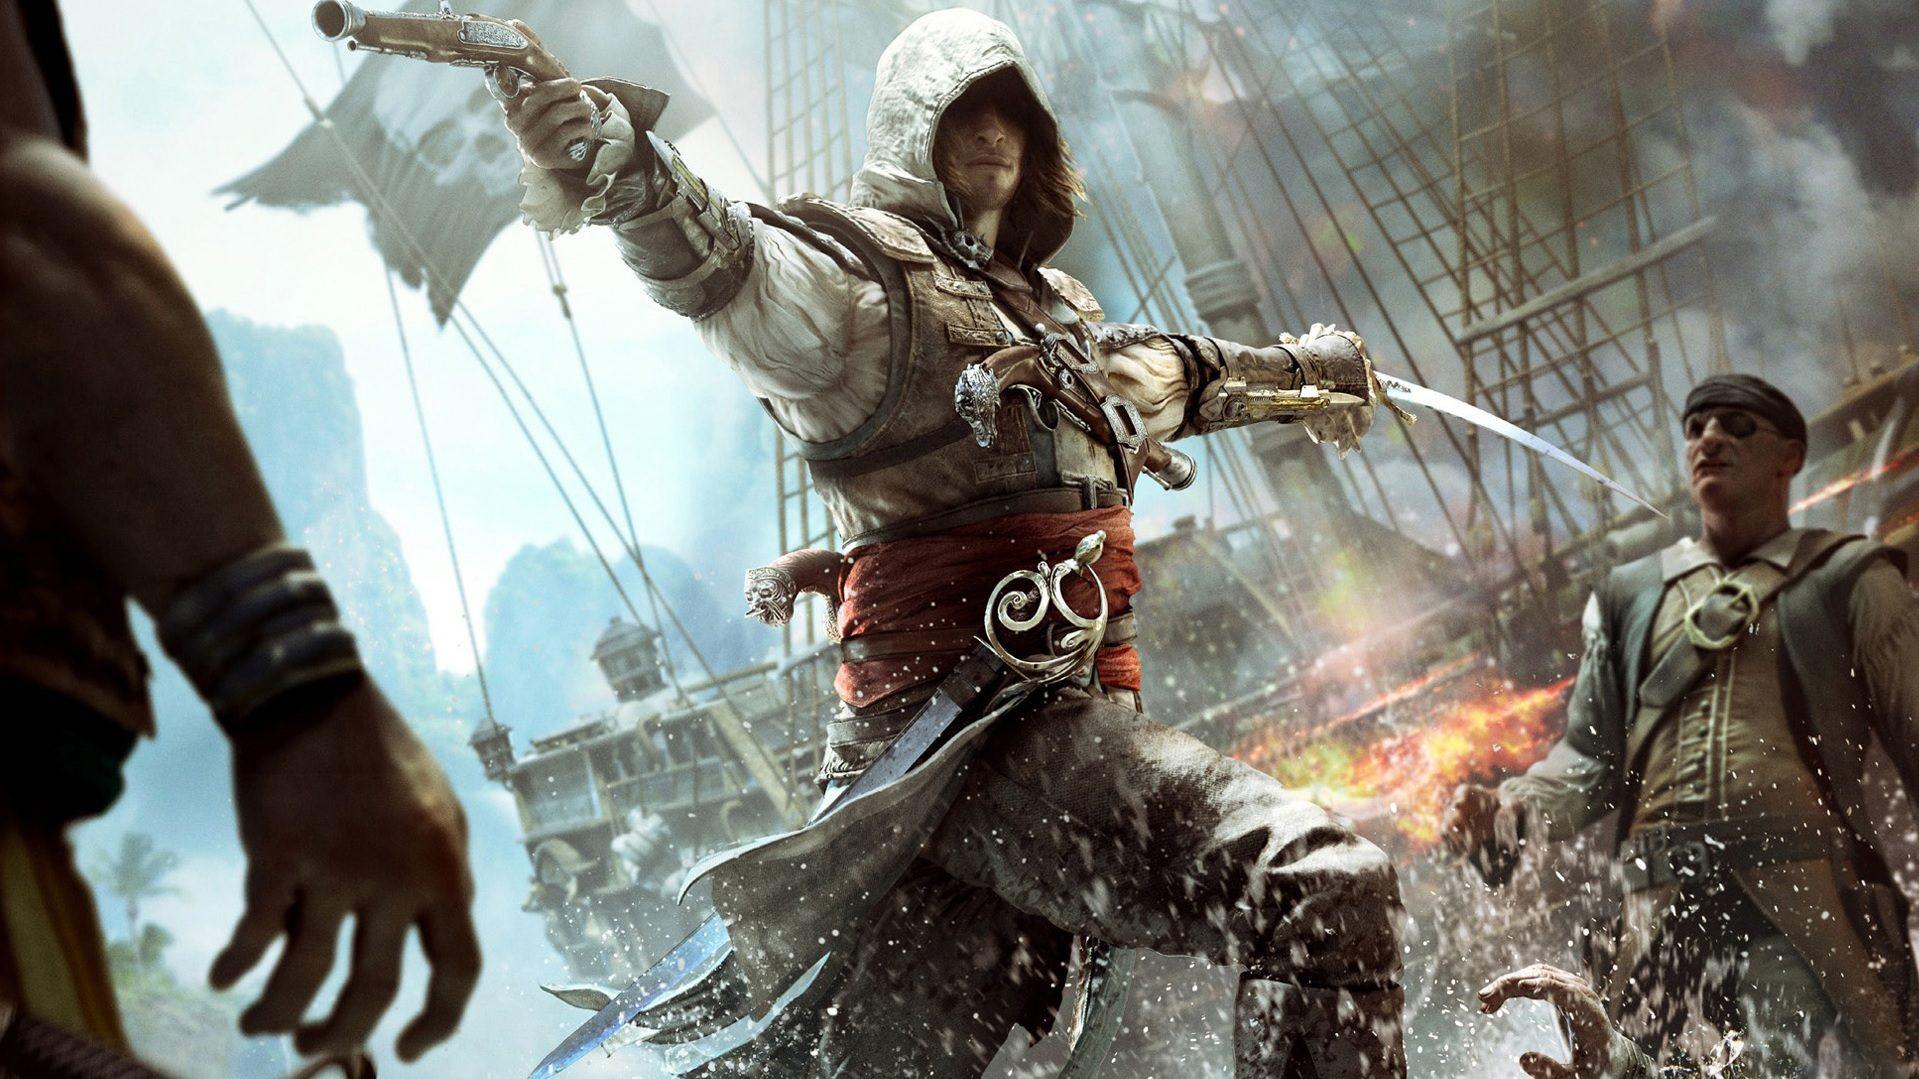 Aqui estão Remake gótico e Assassin's Creed Black Flag com Reshade ...